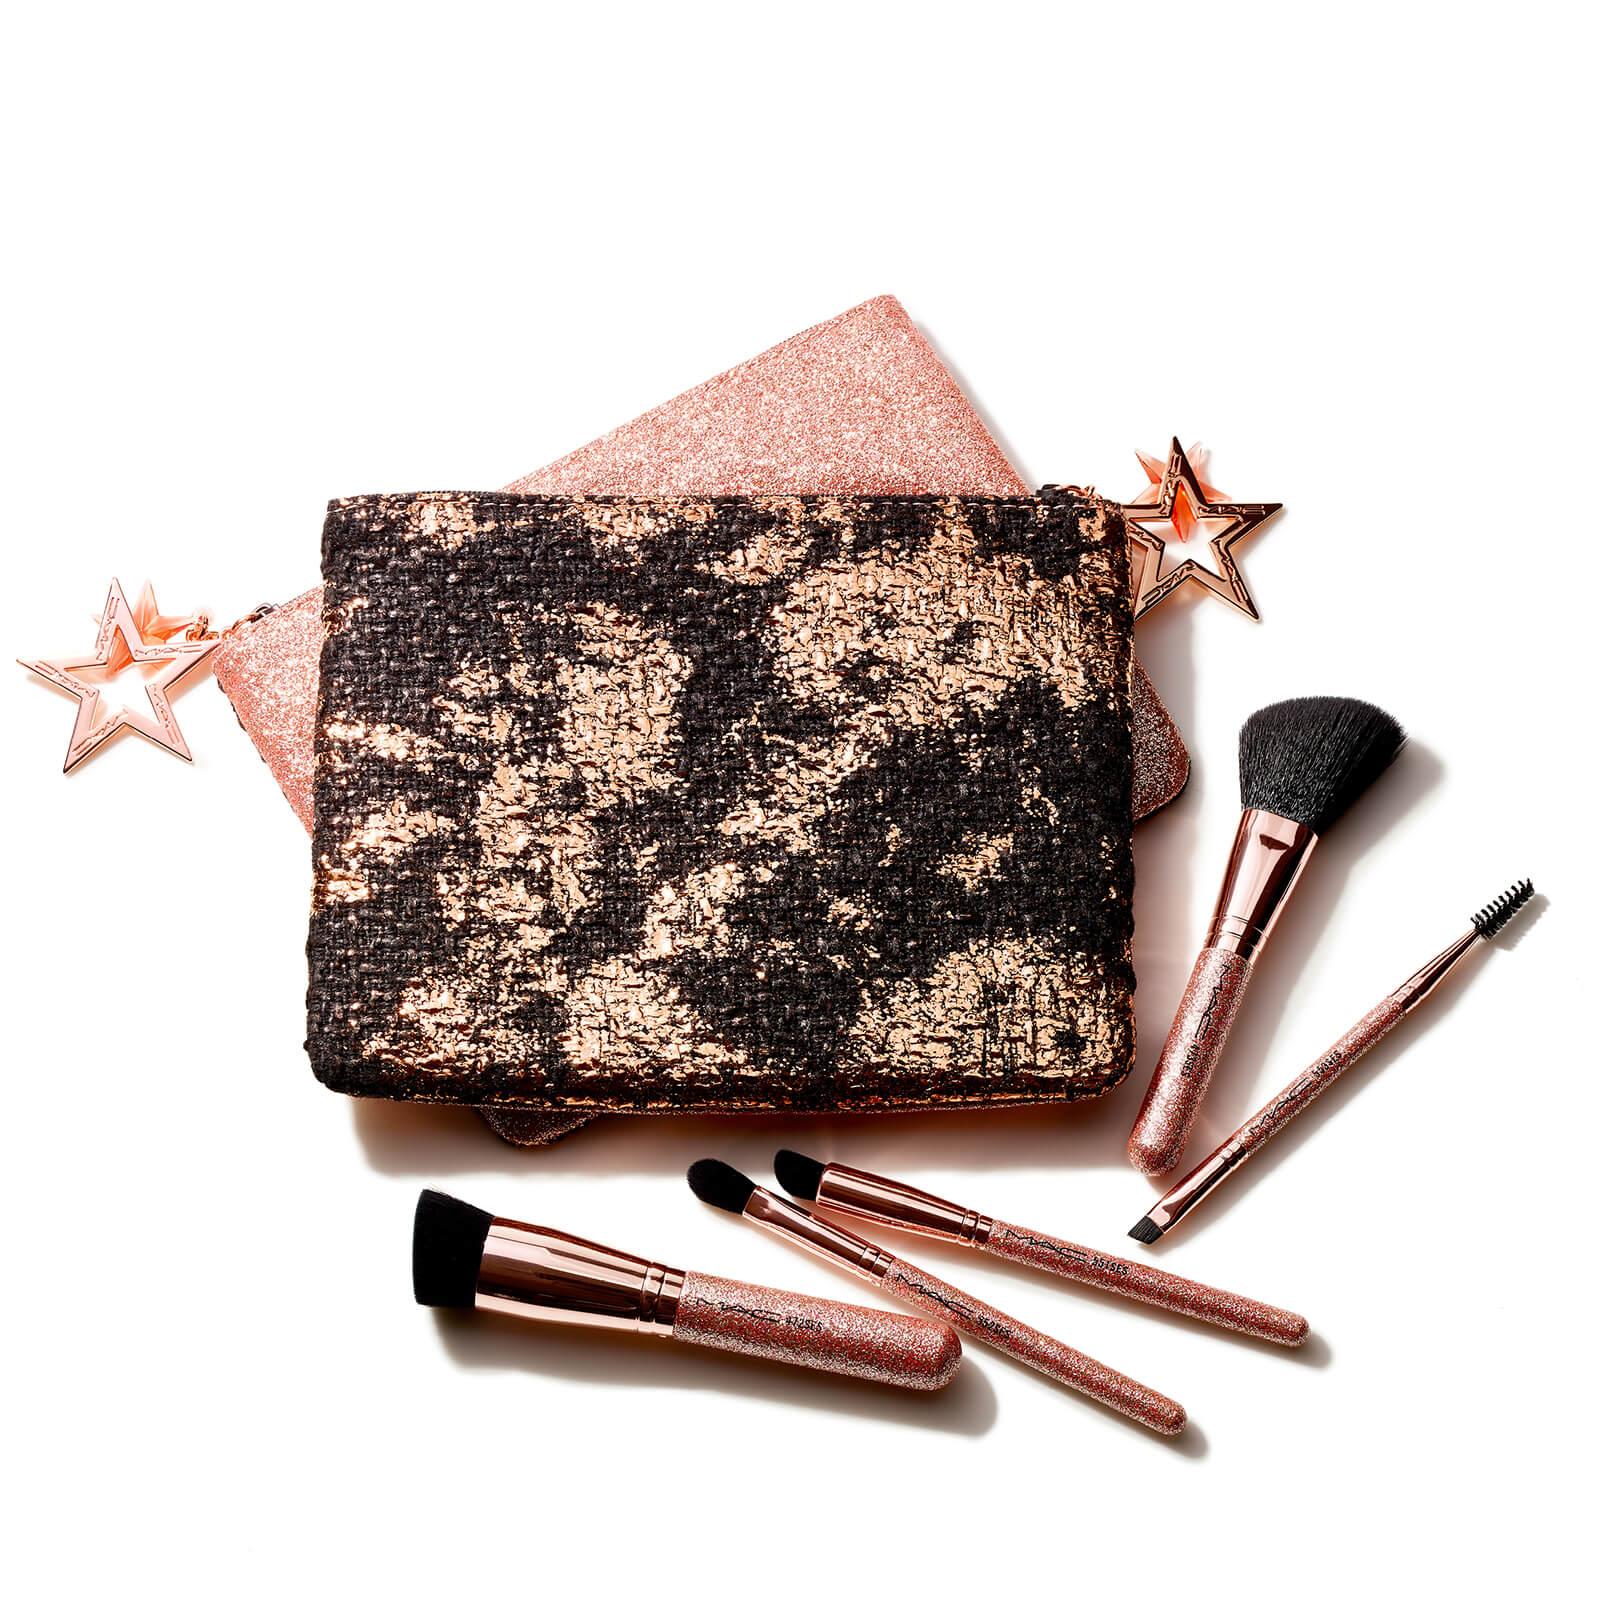 MAC Brush with the Stars Kit